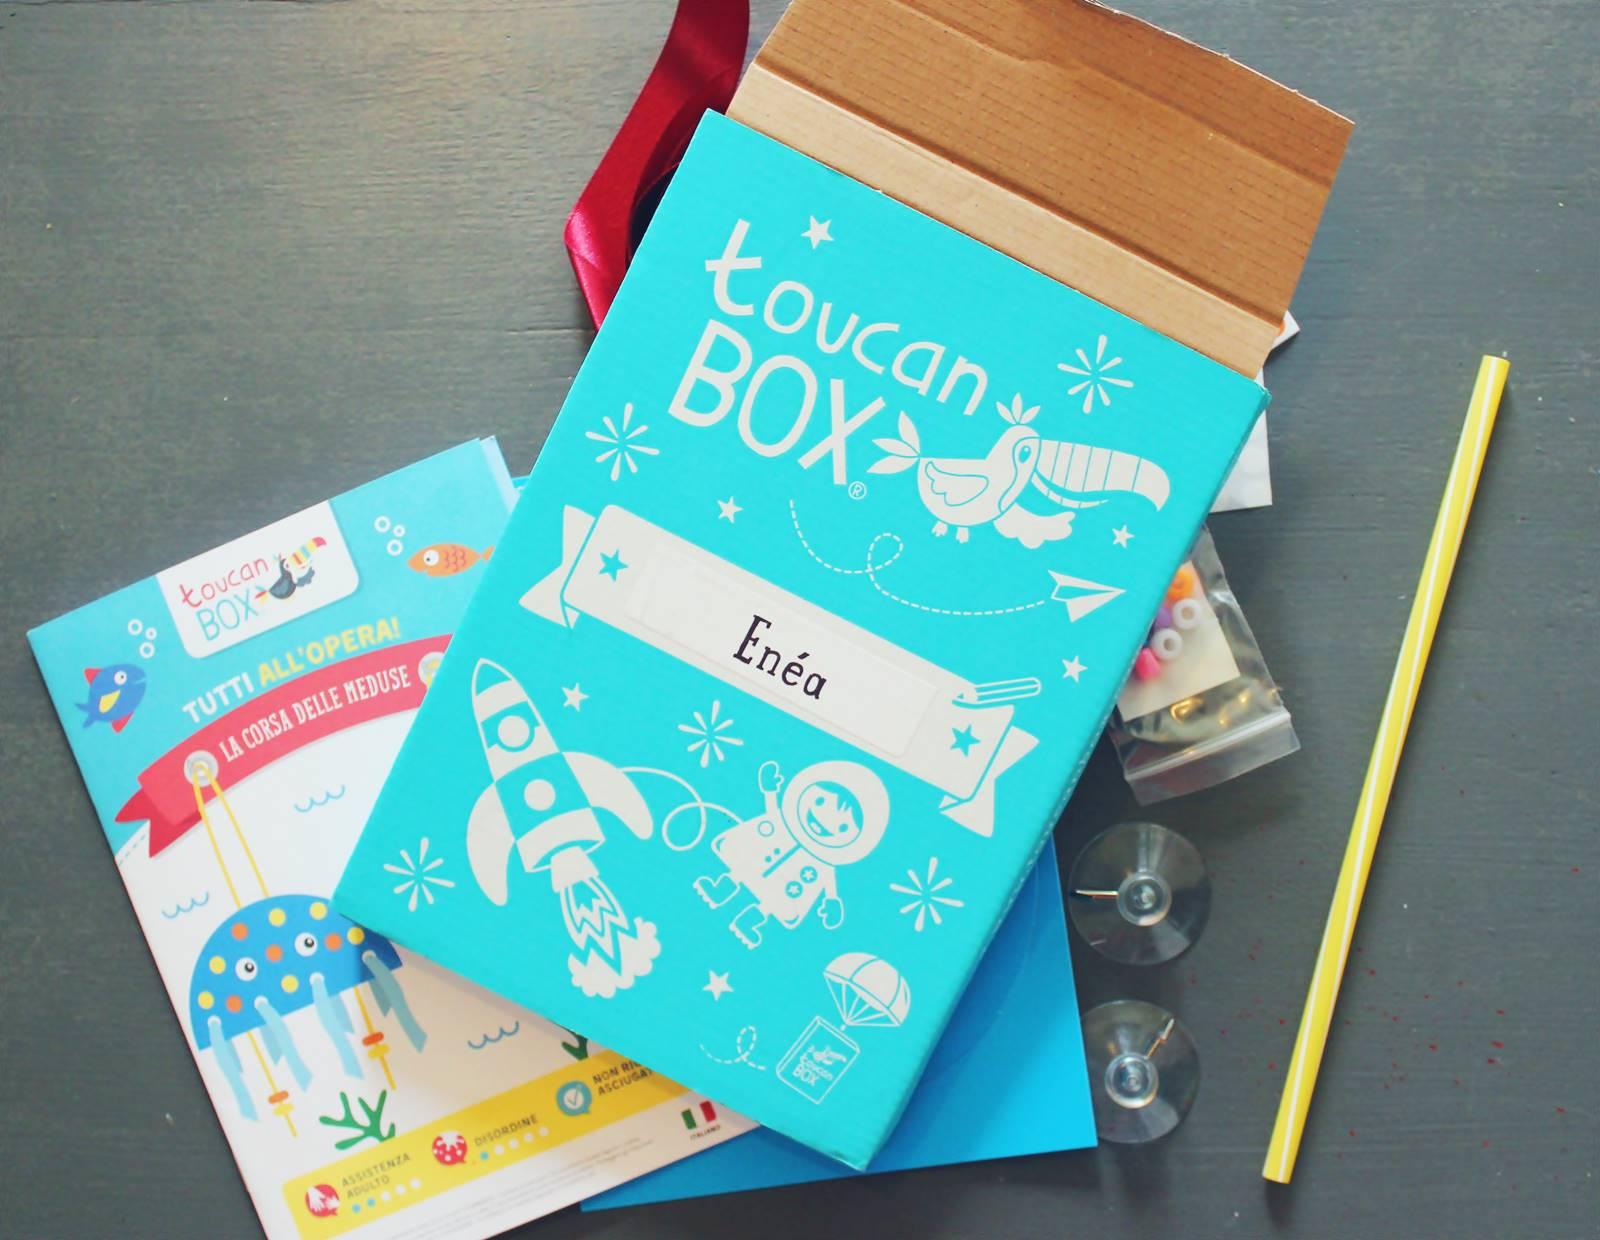 Toucan box gratuite 2